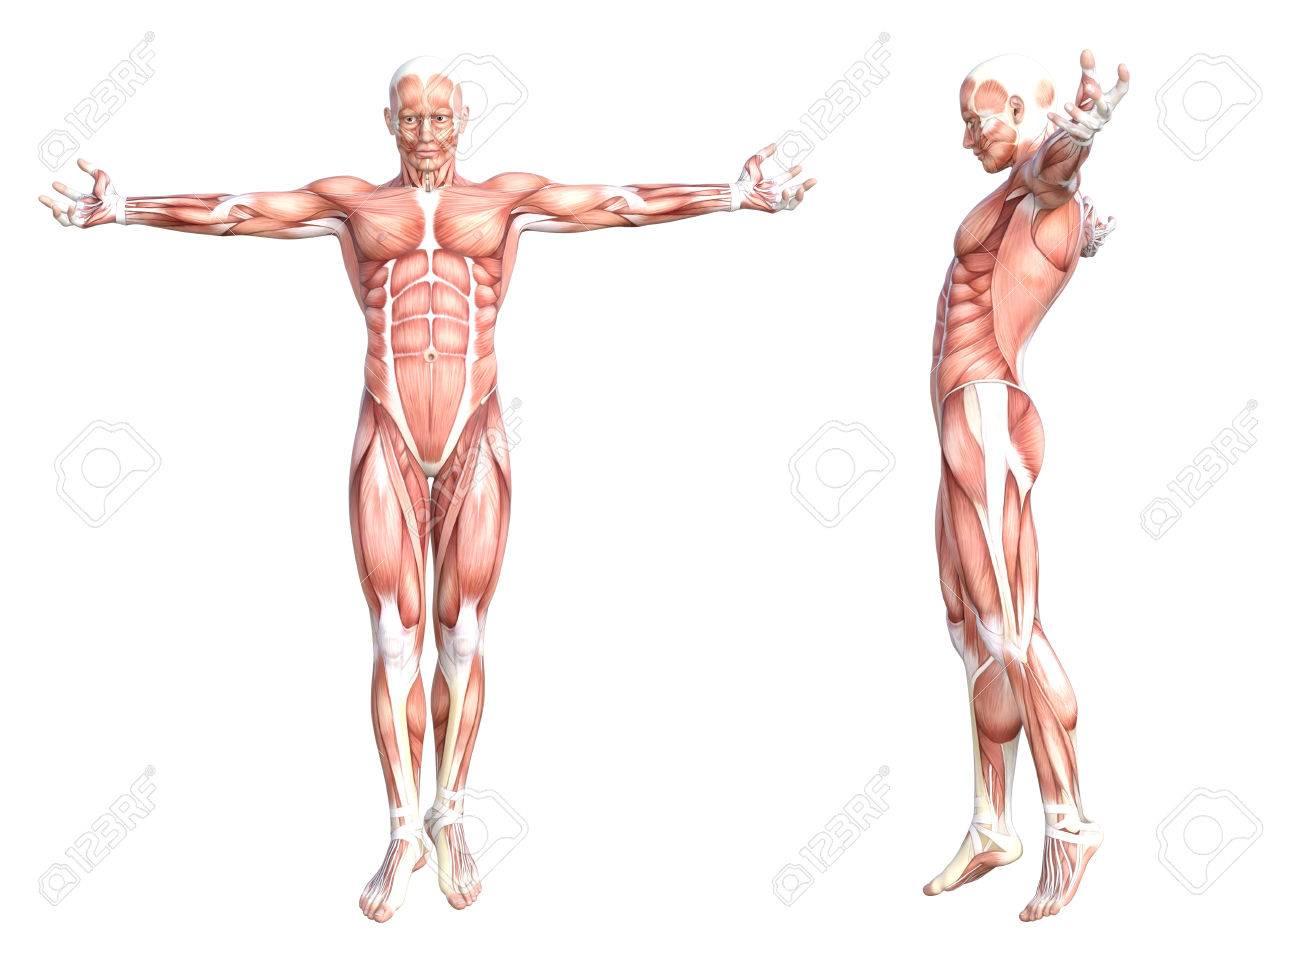 Ausgezeichnet Menschliche Muskelsystem Diagramm Beschriftet Galerie ...